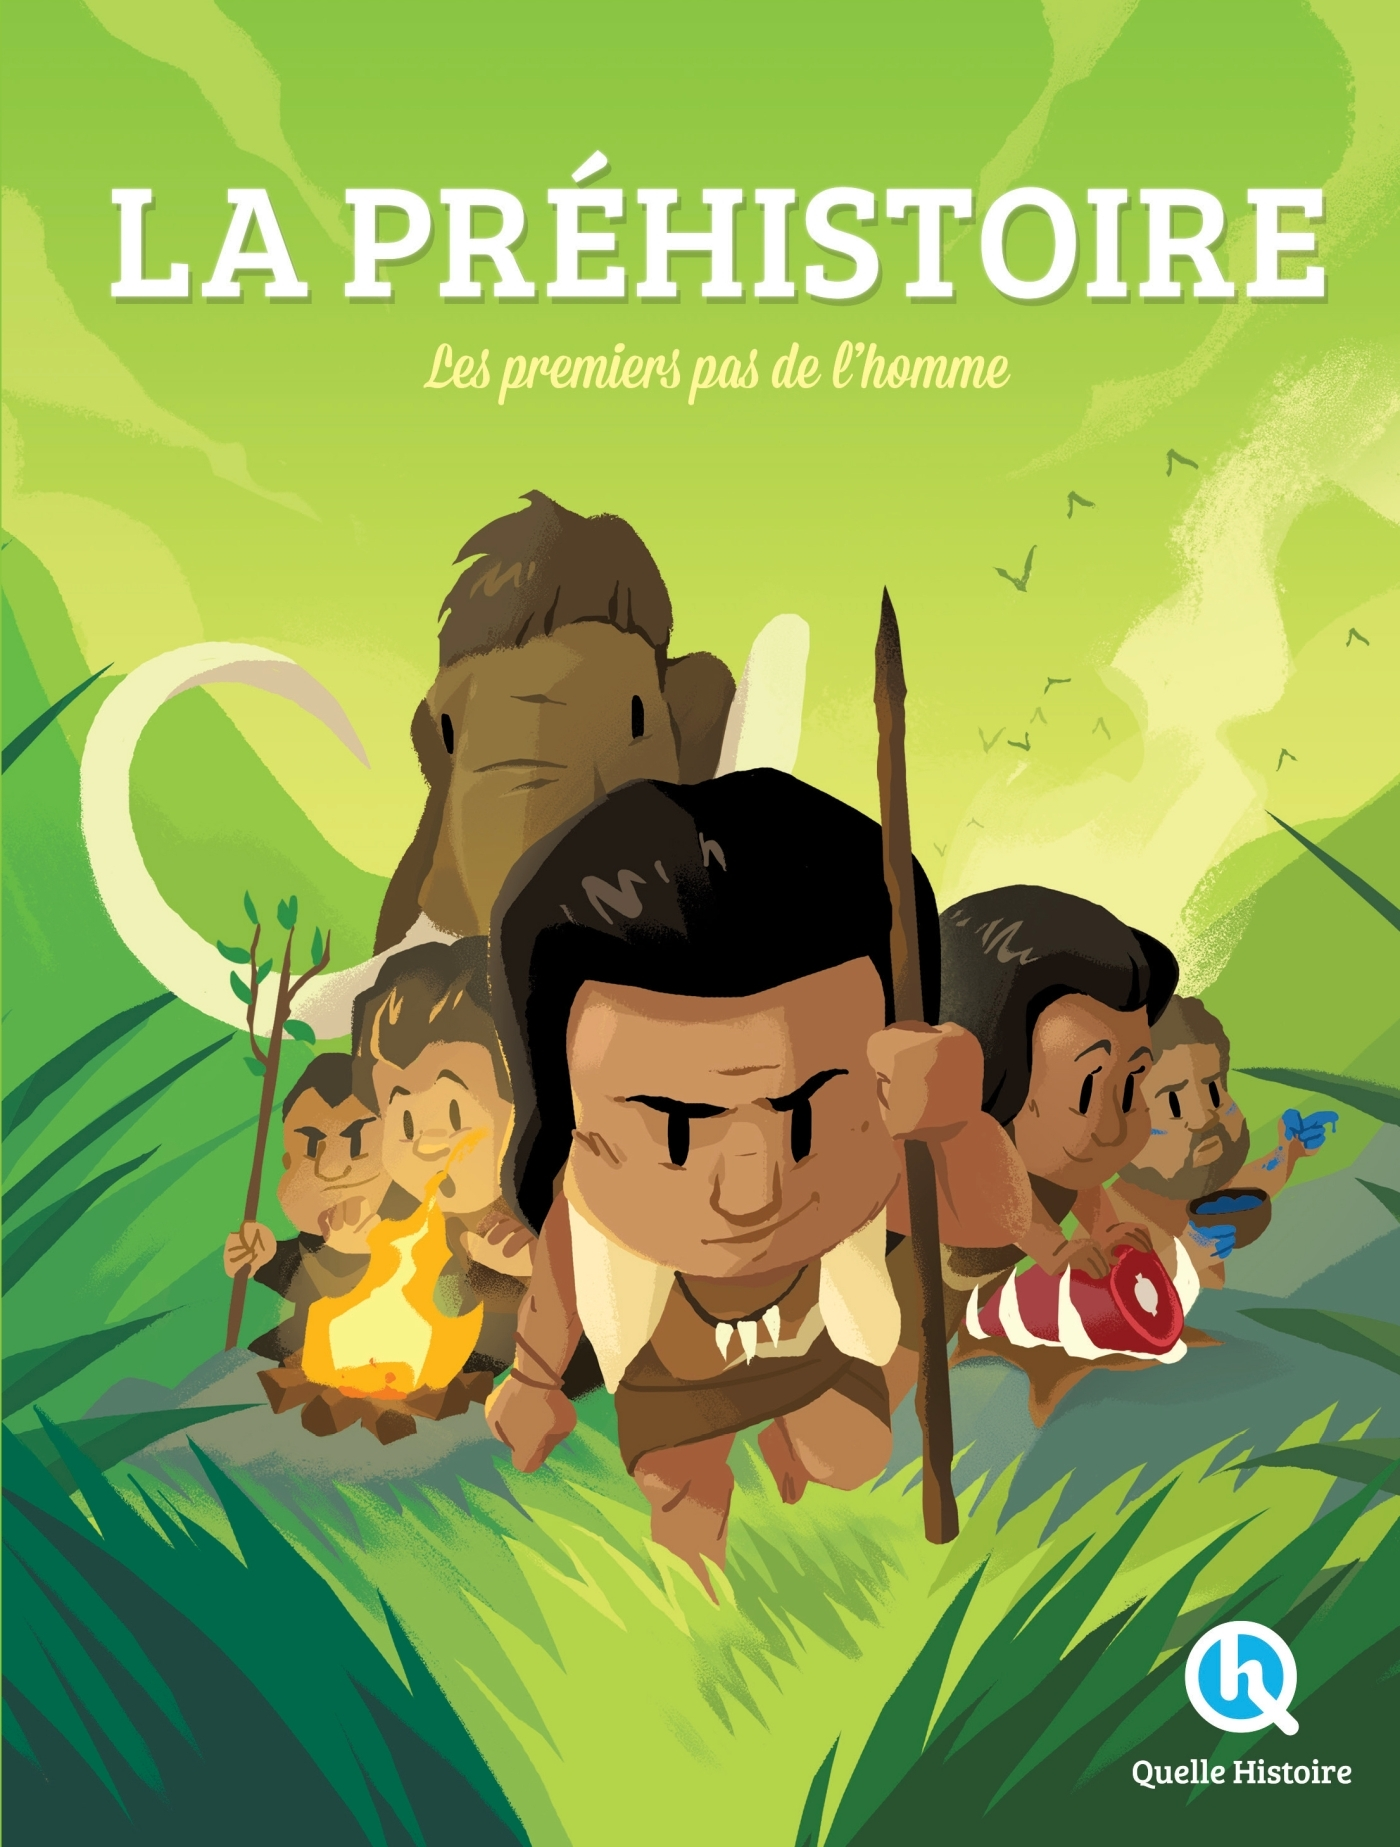 LA PREHISTOIRE - LES PREMIERS PAS DE L'HOMME